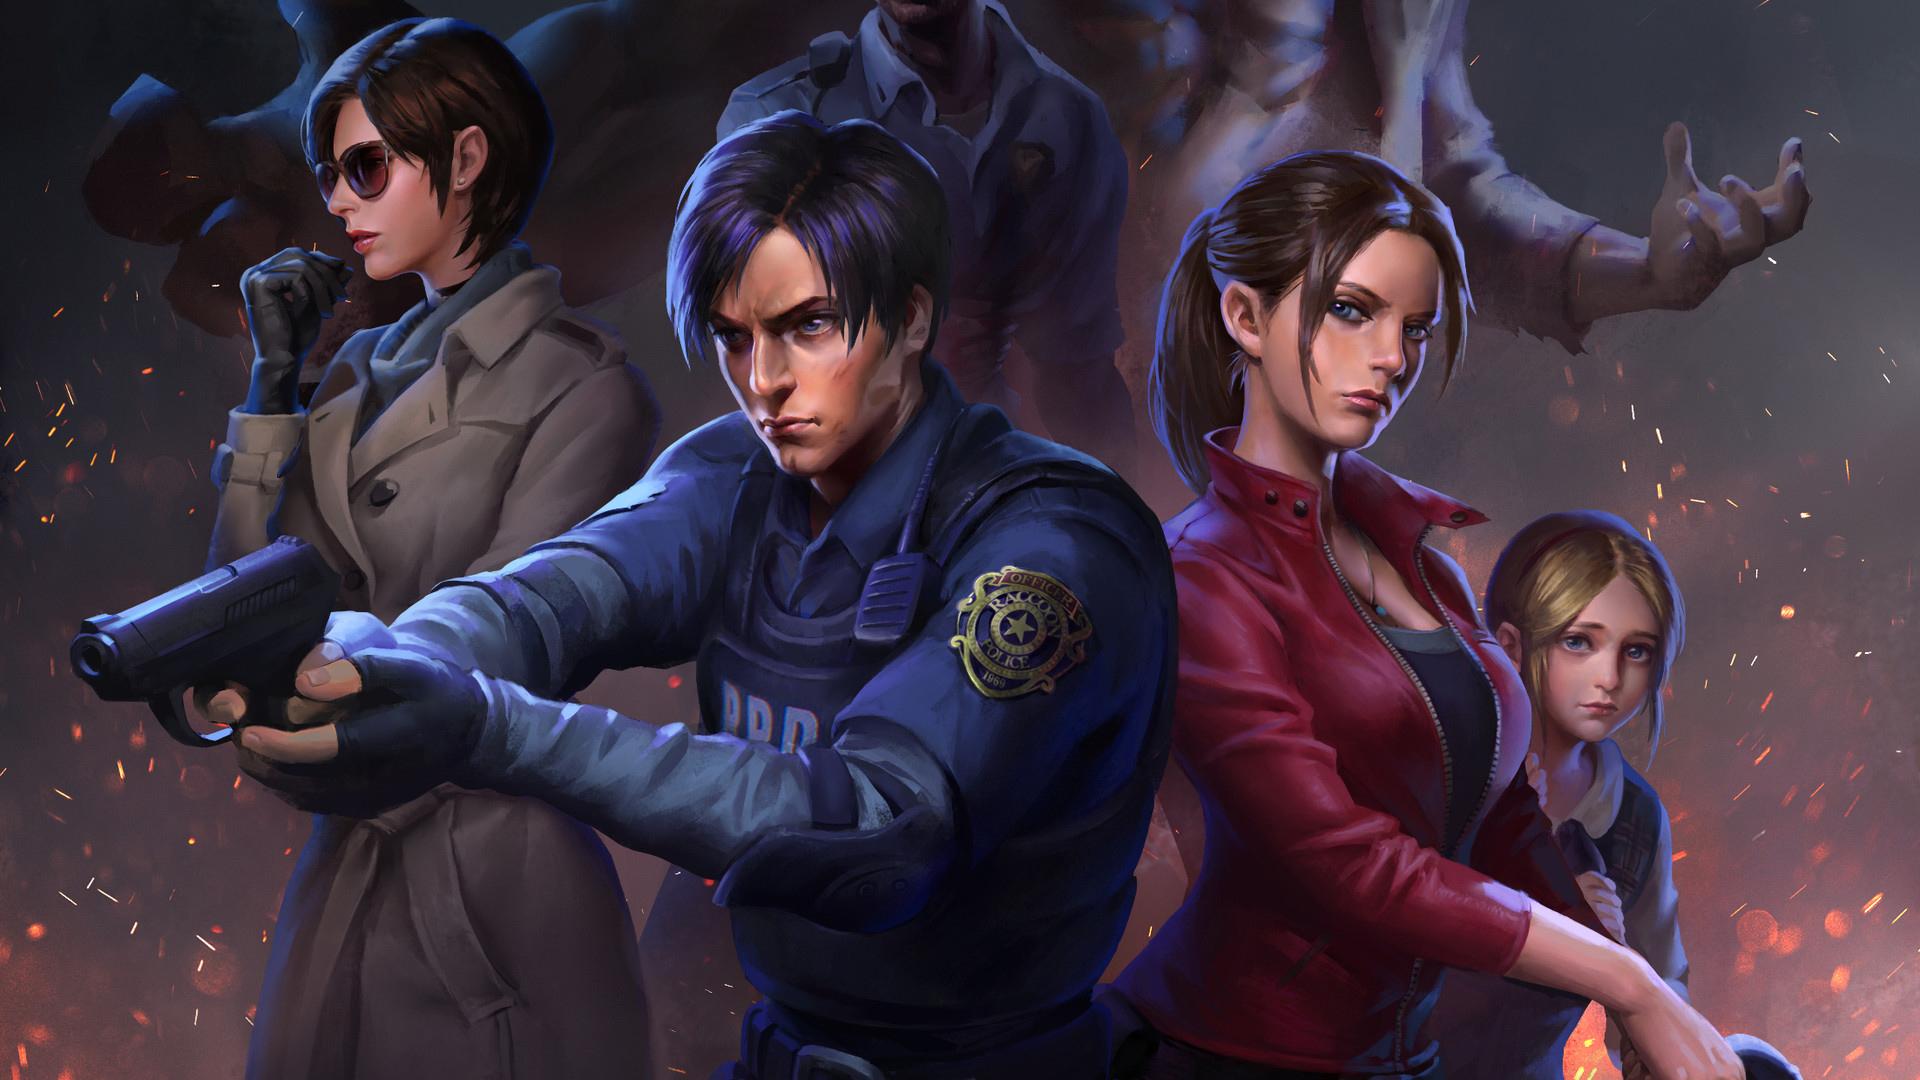 Resident Evil 2 Wallpaper: Resident Evil 2 Art, HD Games, 4k Wallpapers, Images